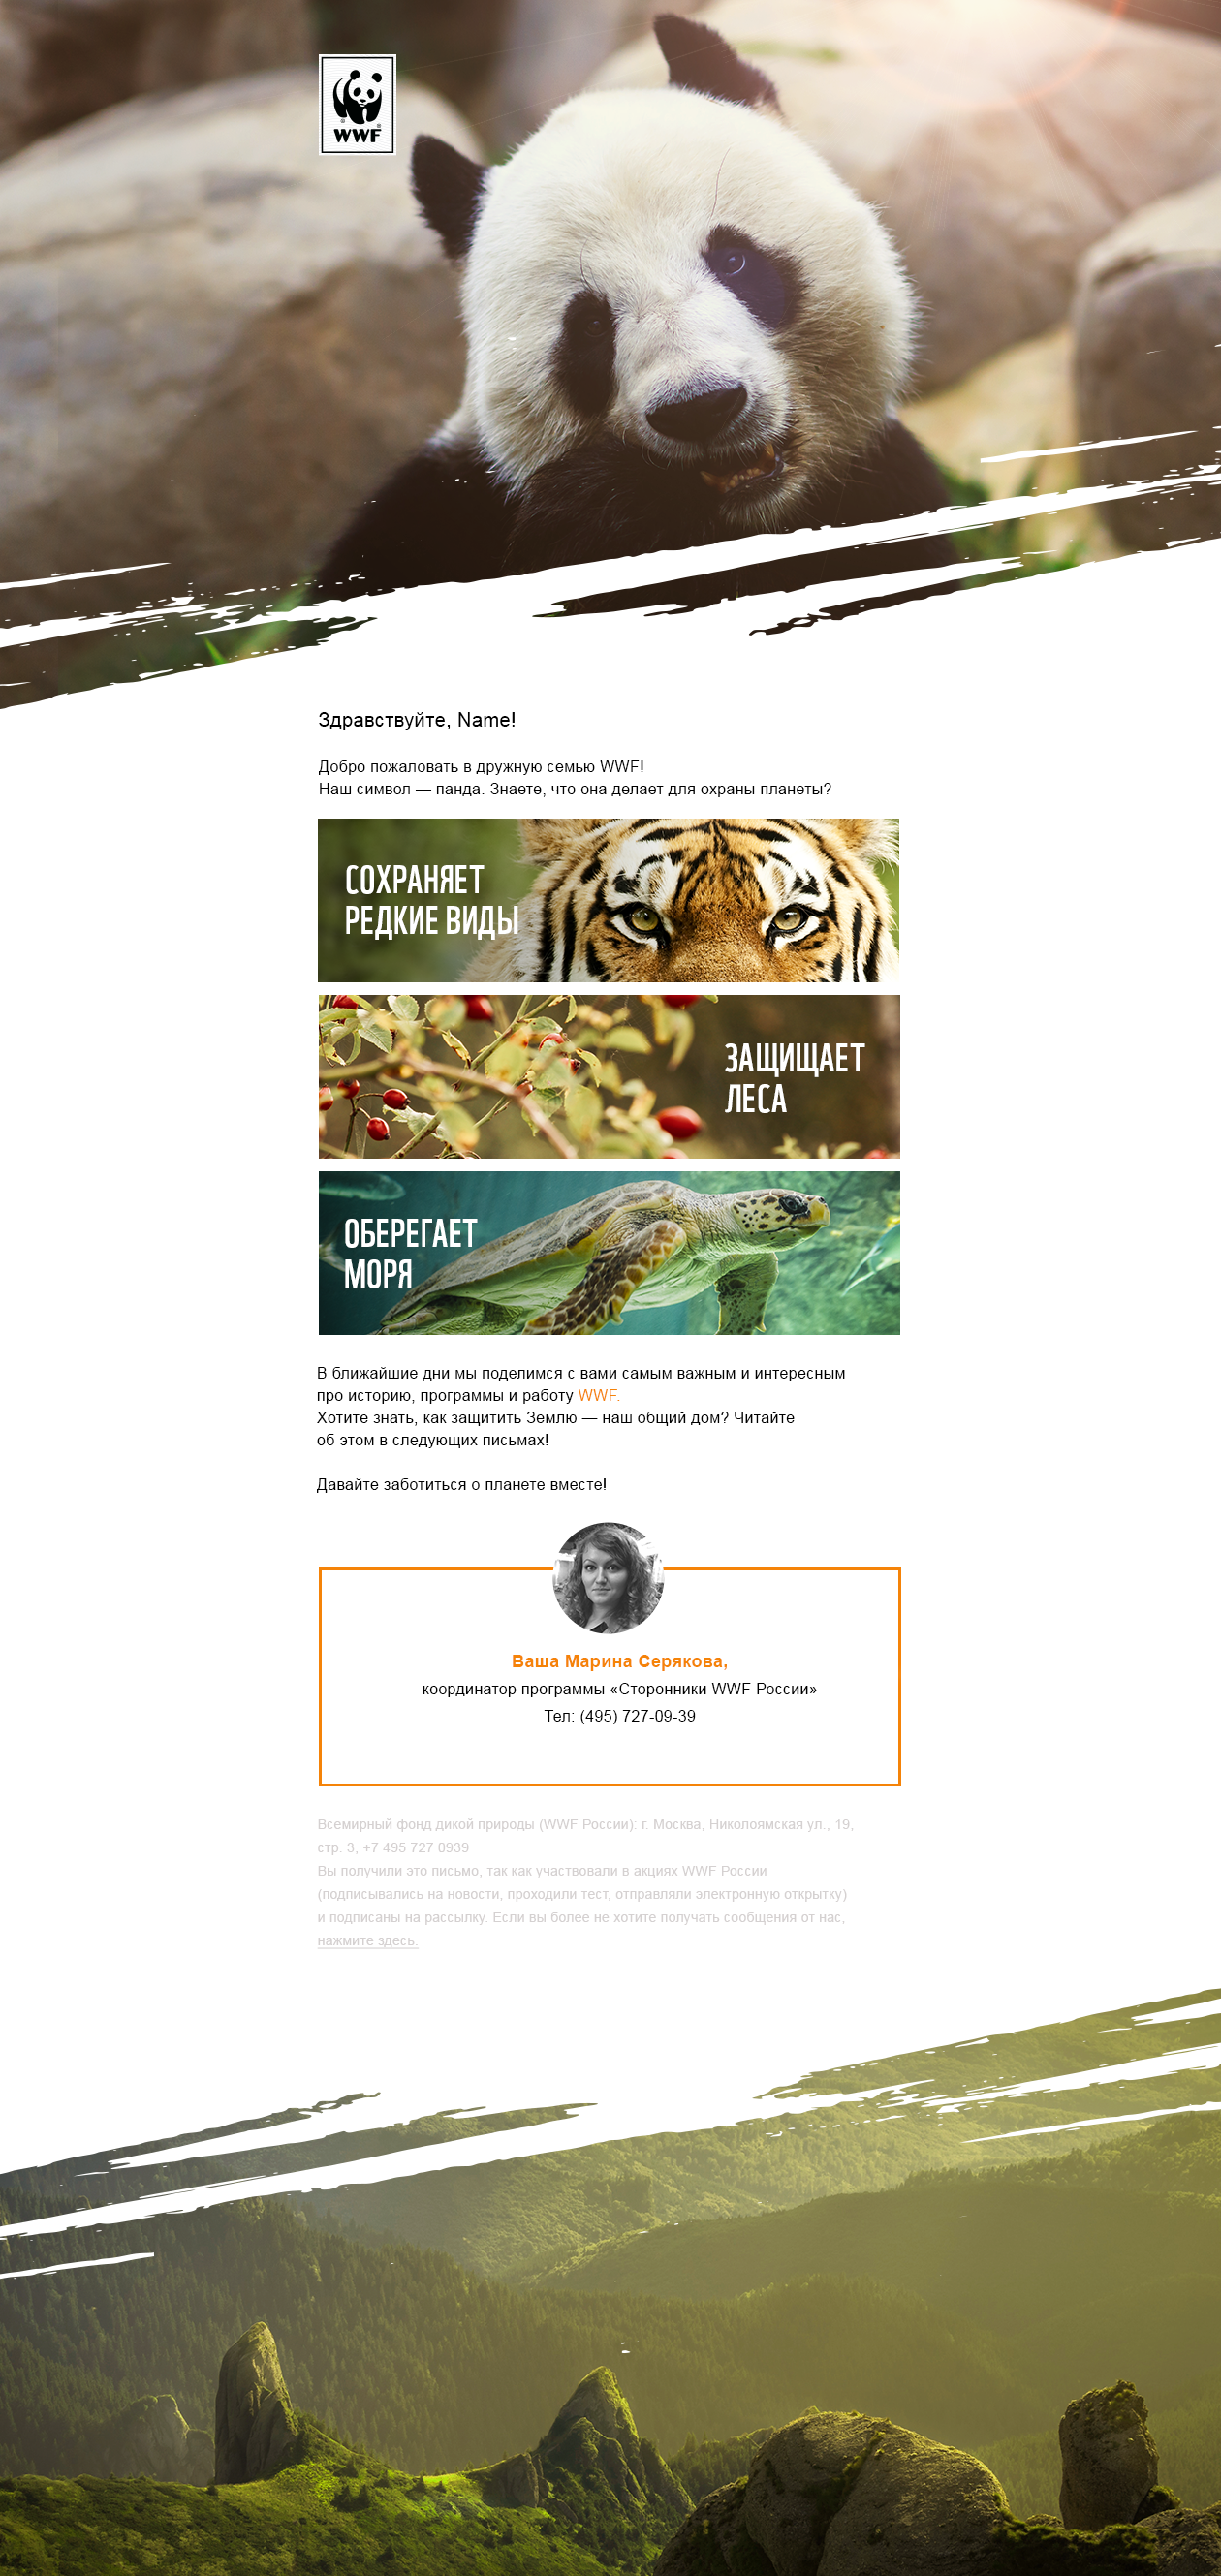 Пример емейла из приветственной цепочки WWF, который послужил основой для дизайна конструктора писем для рассылок